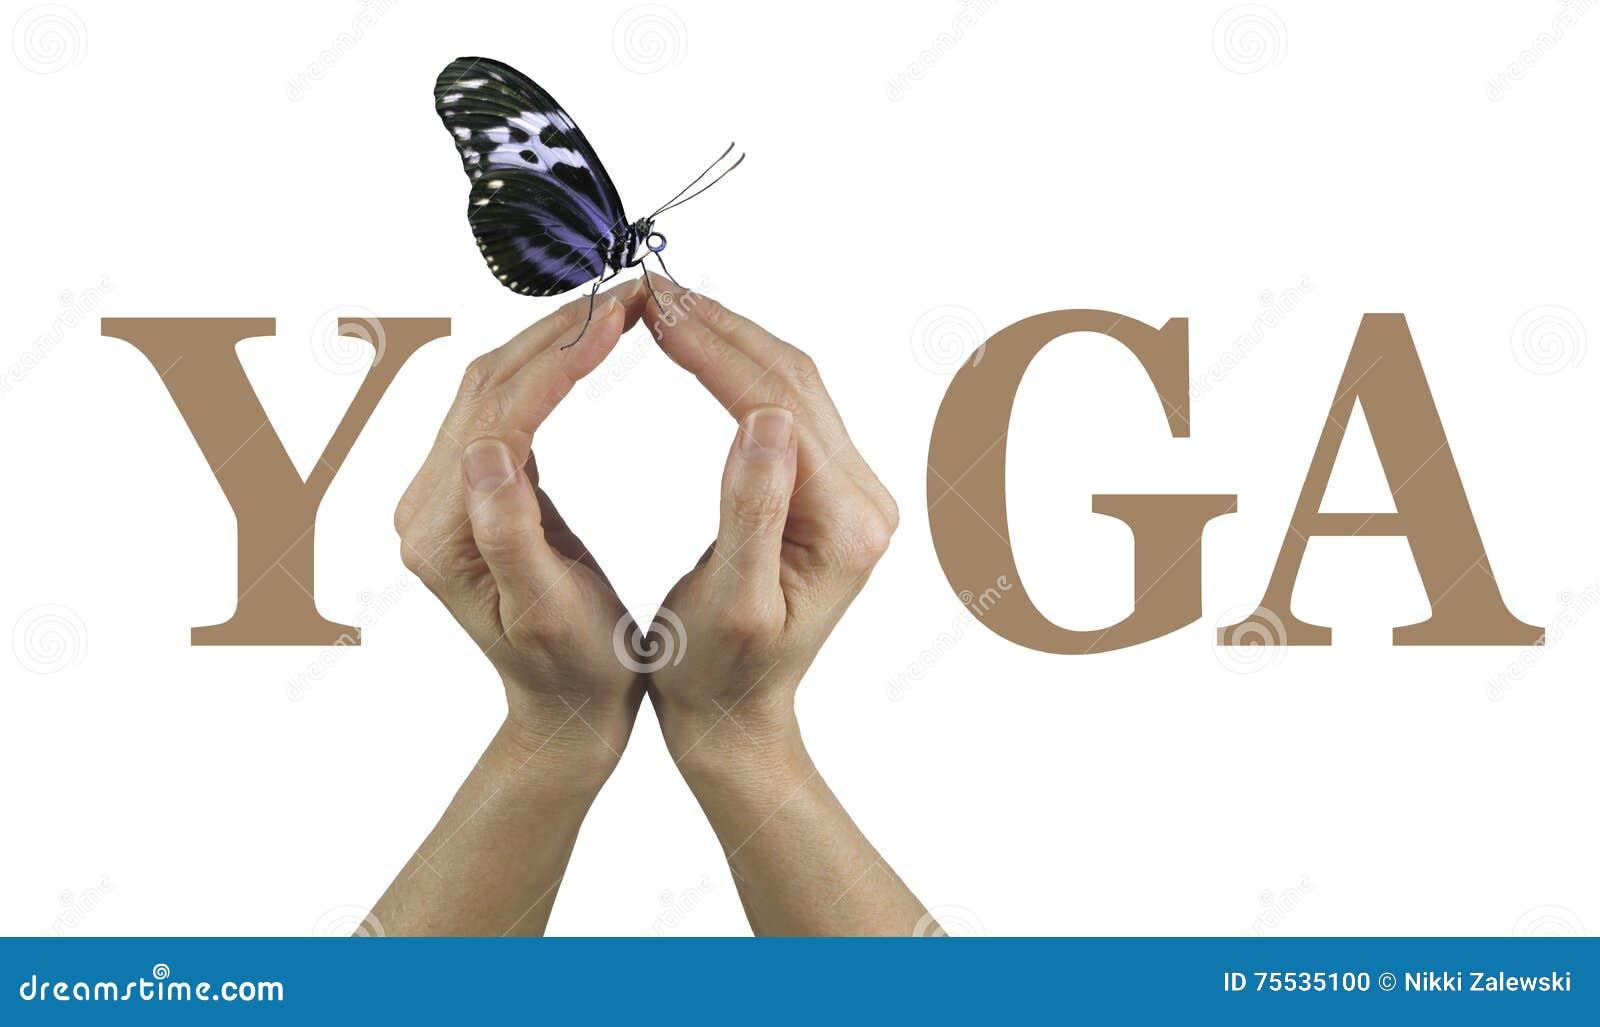 Oferujący Ci joga